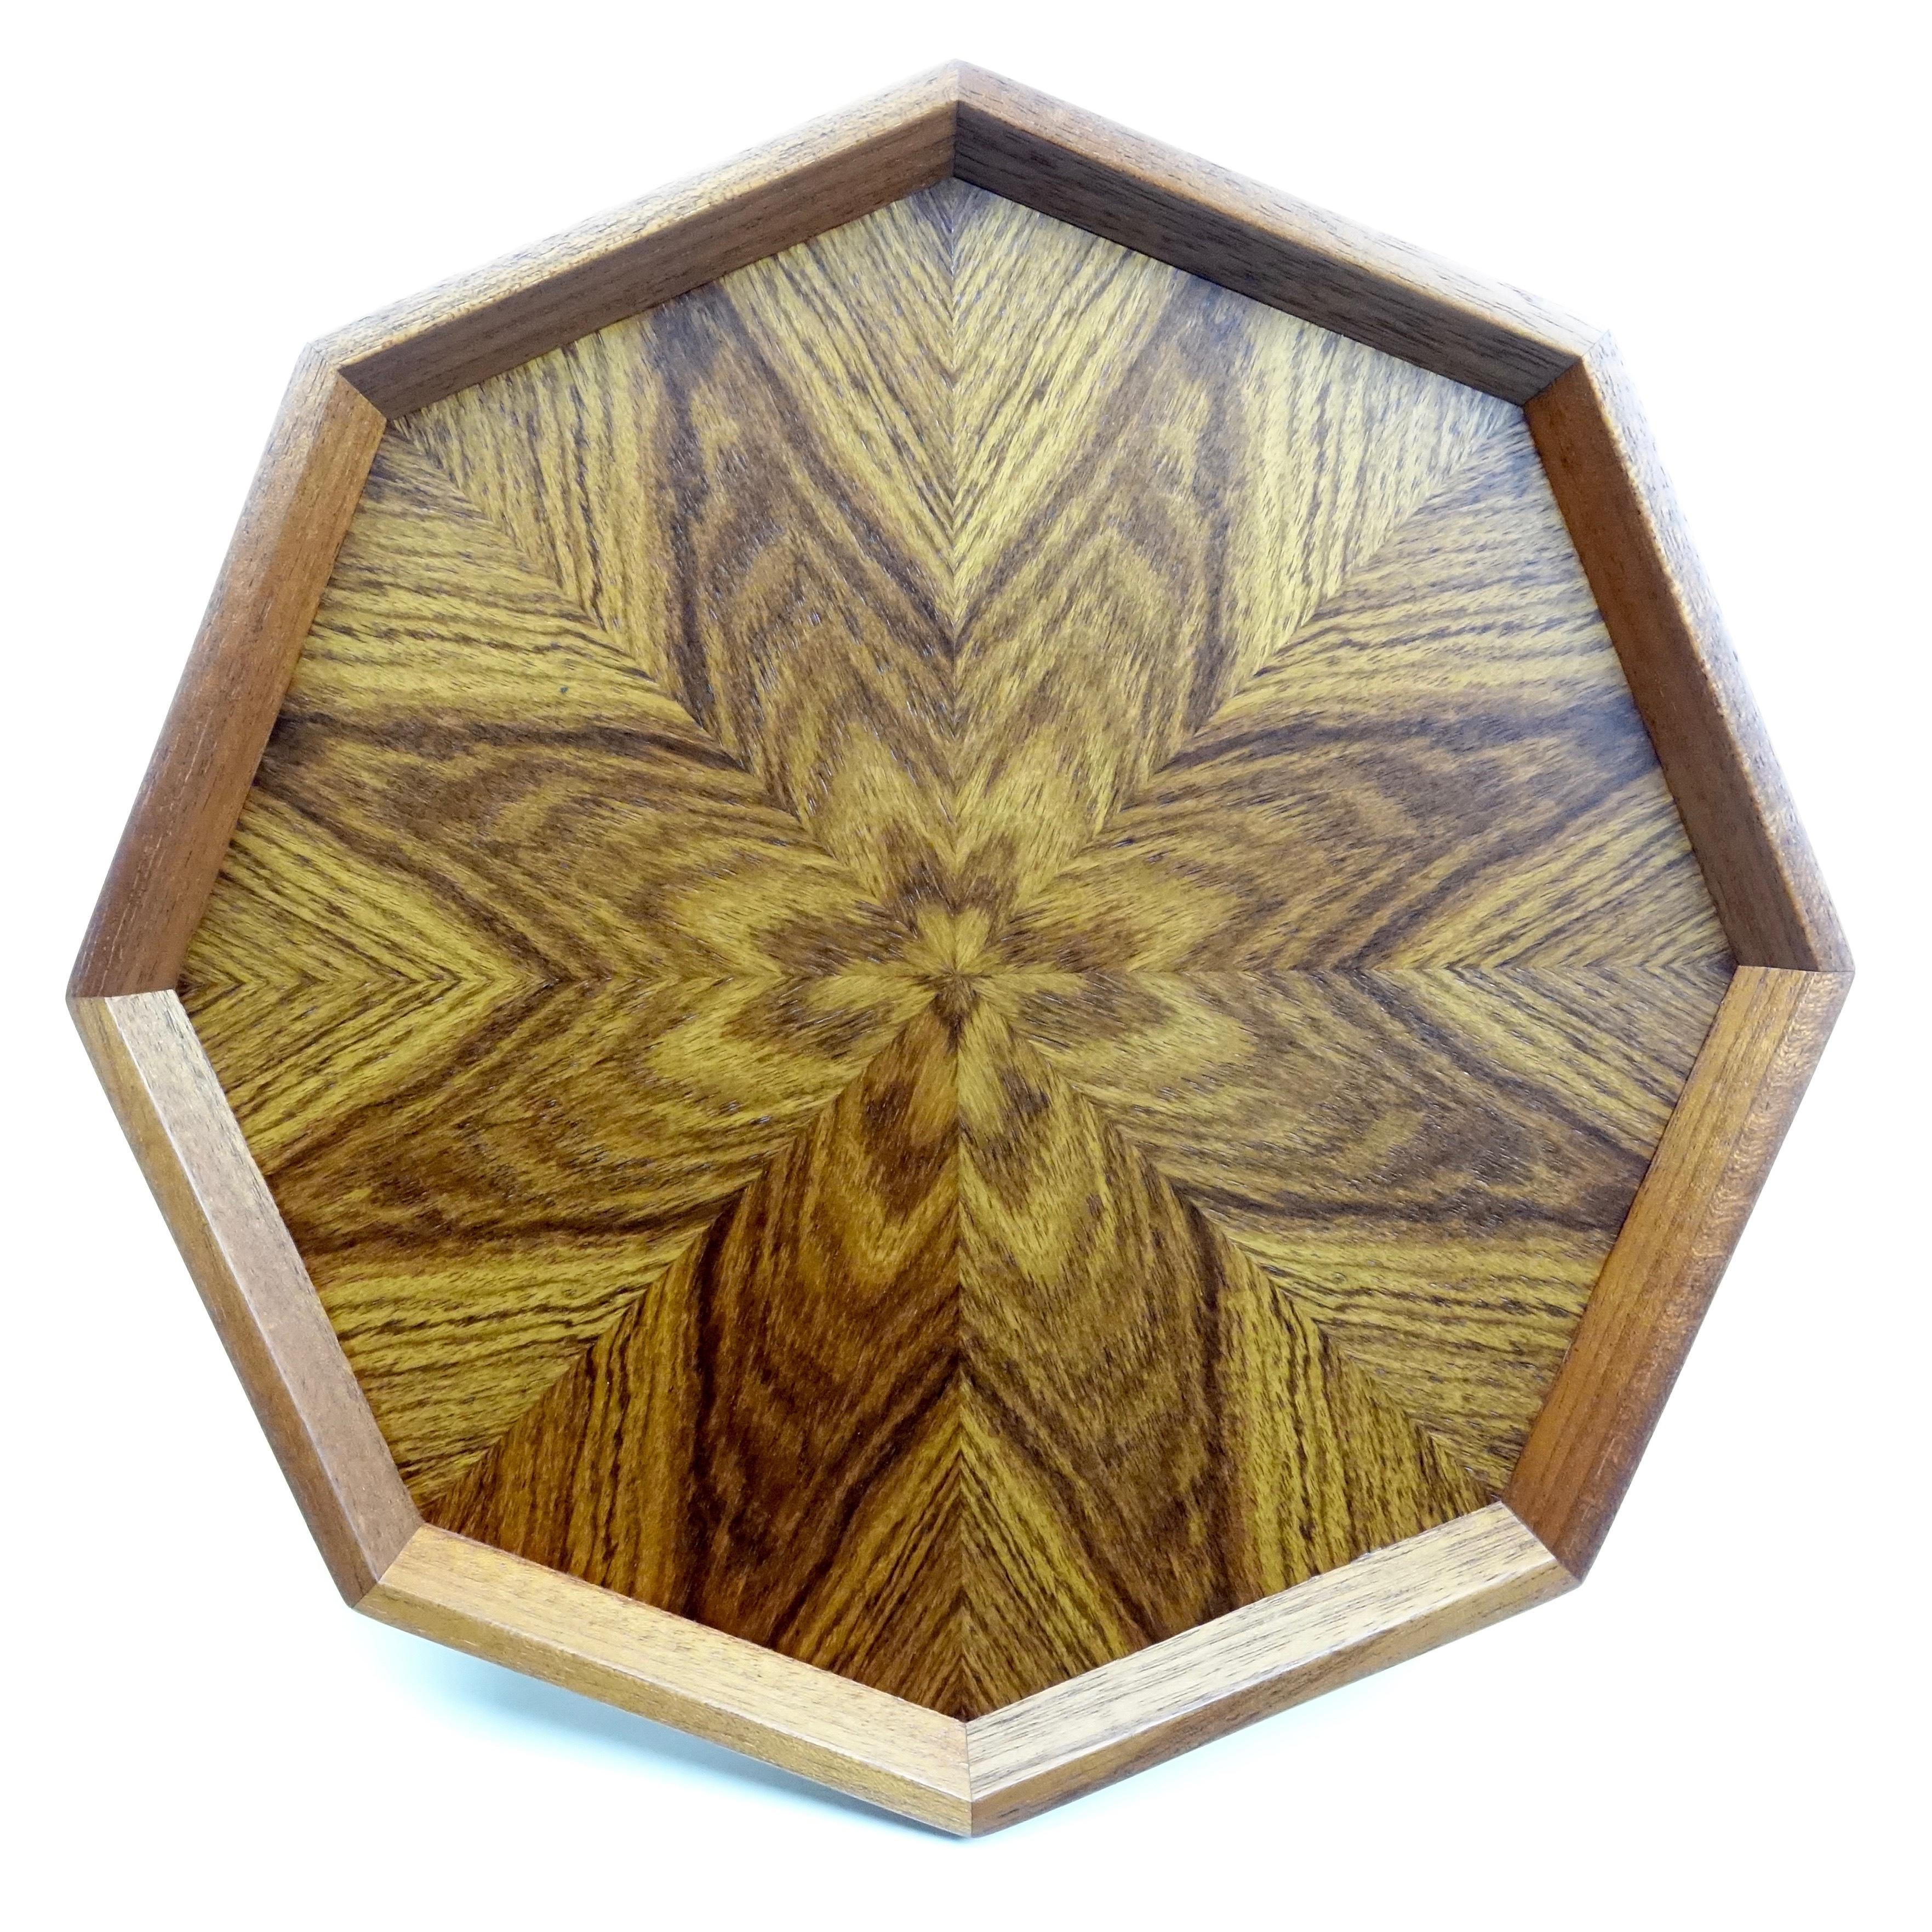 シタン 八角形のトレー OBSH-0155